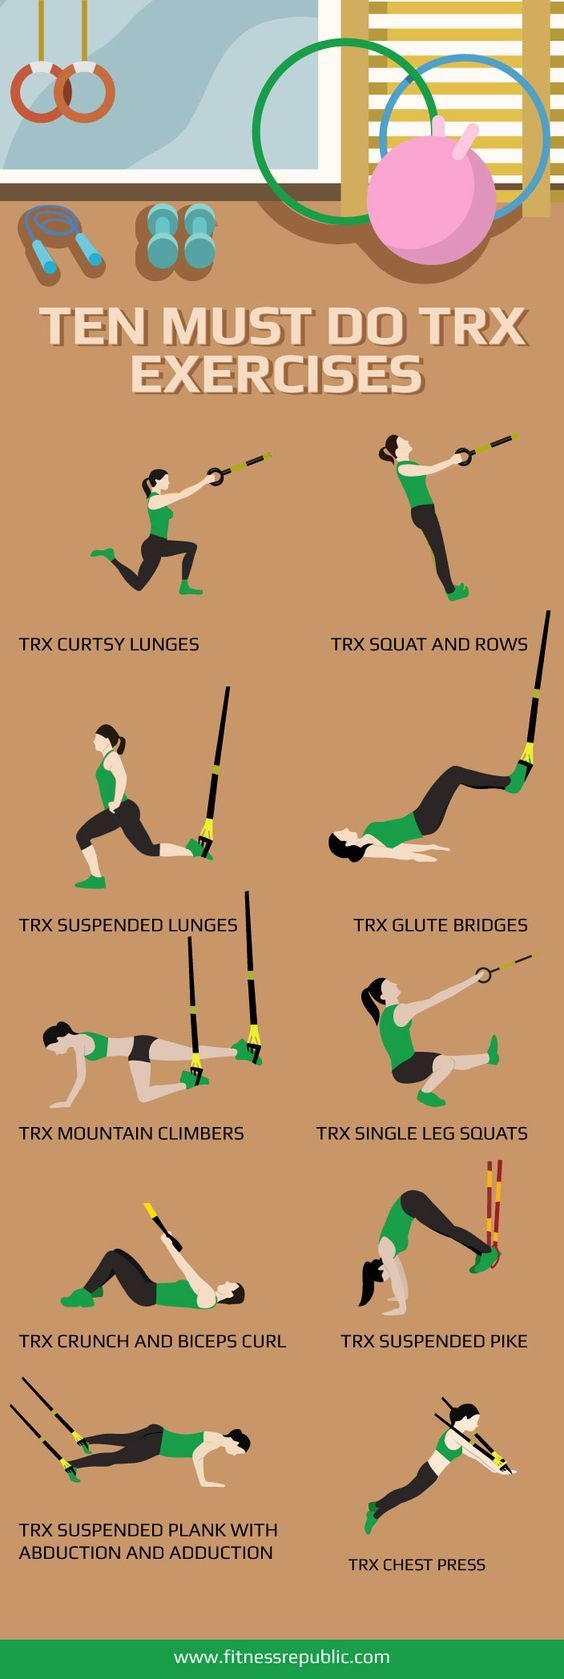 Ten Must Do TRX Exercises - http://www.amazon.de/dp/B00RLH0M6C/ref=cm_sw_r_pi_dp_I9kkwb1PYZZ48 http://www.amazon.co.uk/dp/B00RLH0M6C